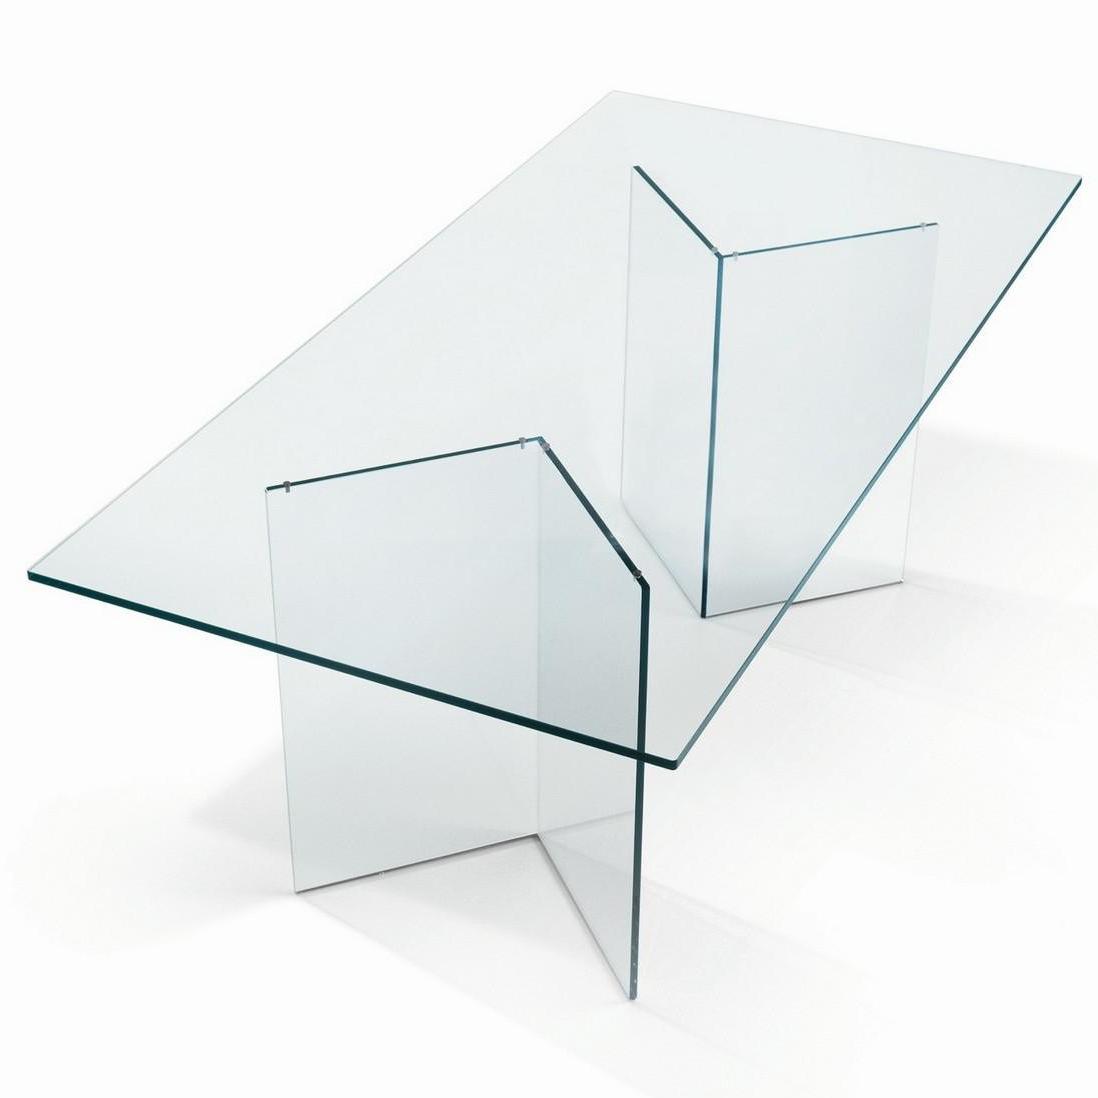 TONELLI pracovní stoly Bacco (300 x 100 cm)